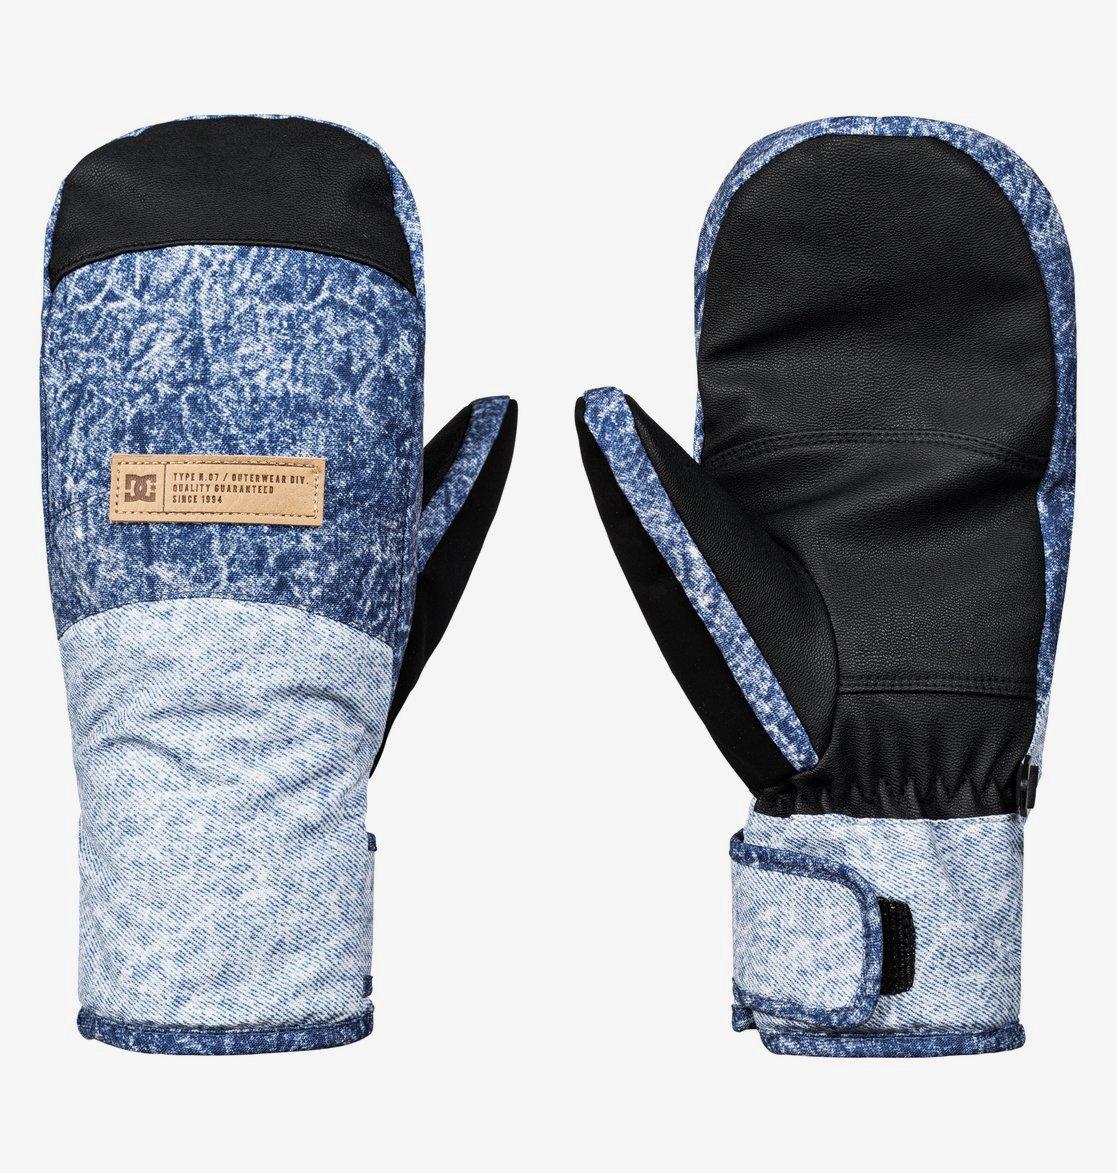 magasin discount prix pas cher Prix usine 2019 Franchise - Moufles de ski/snowboard pour Femme